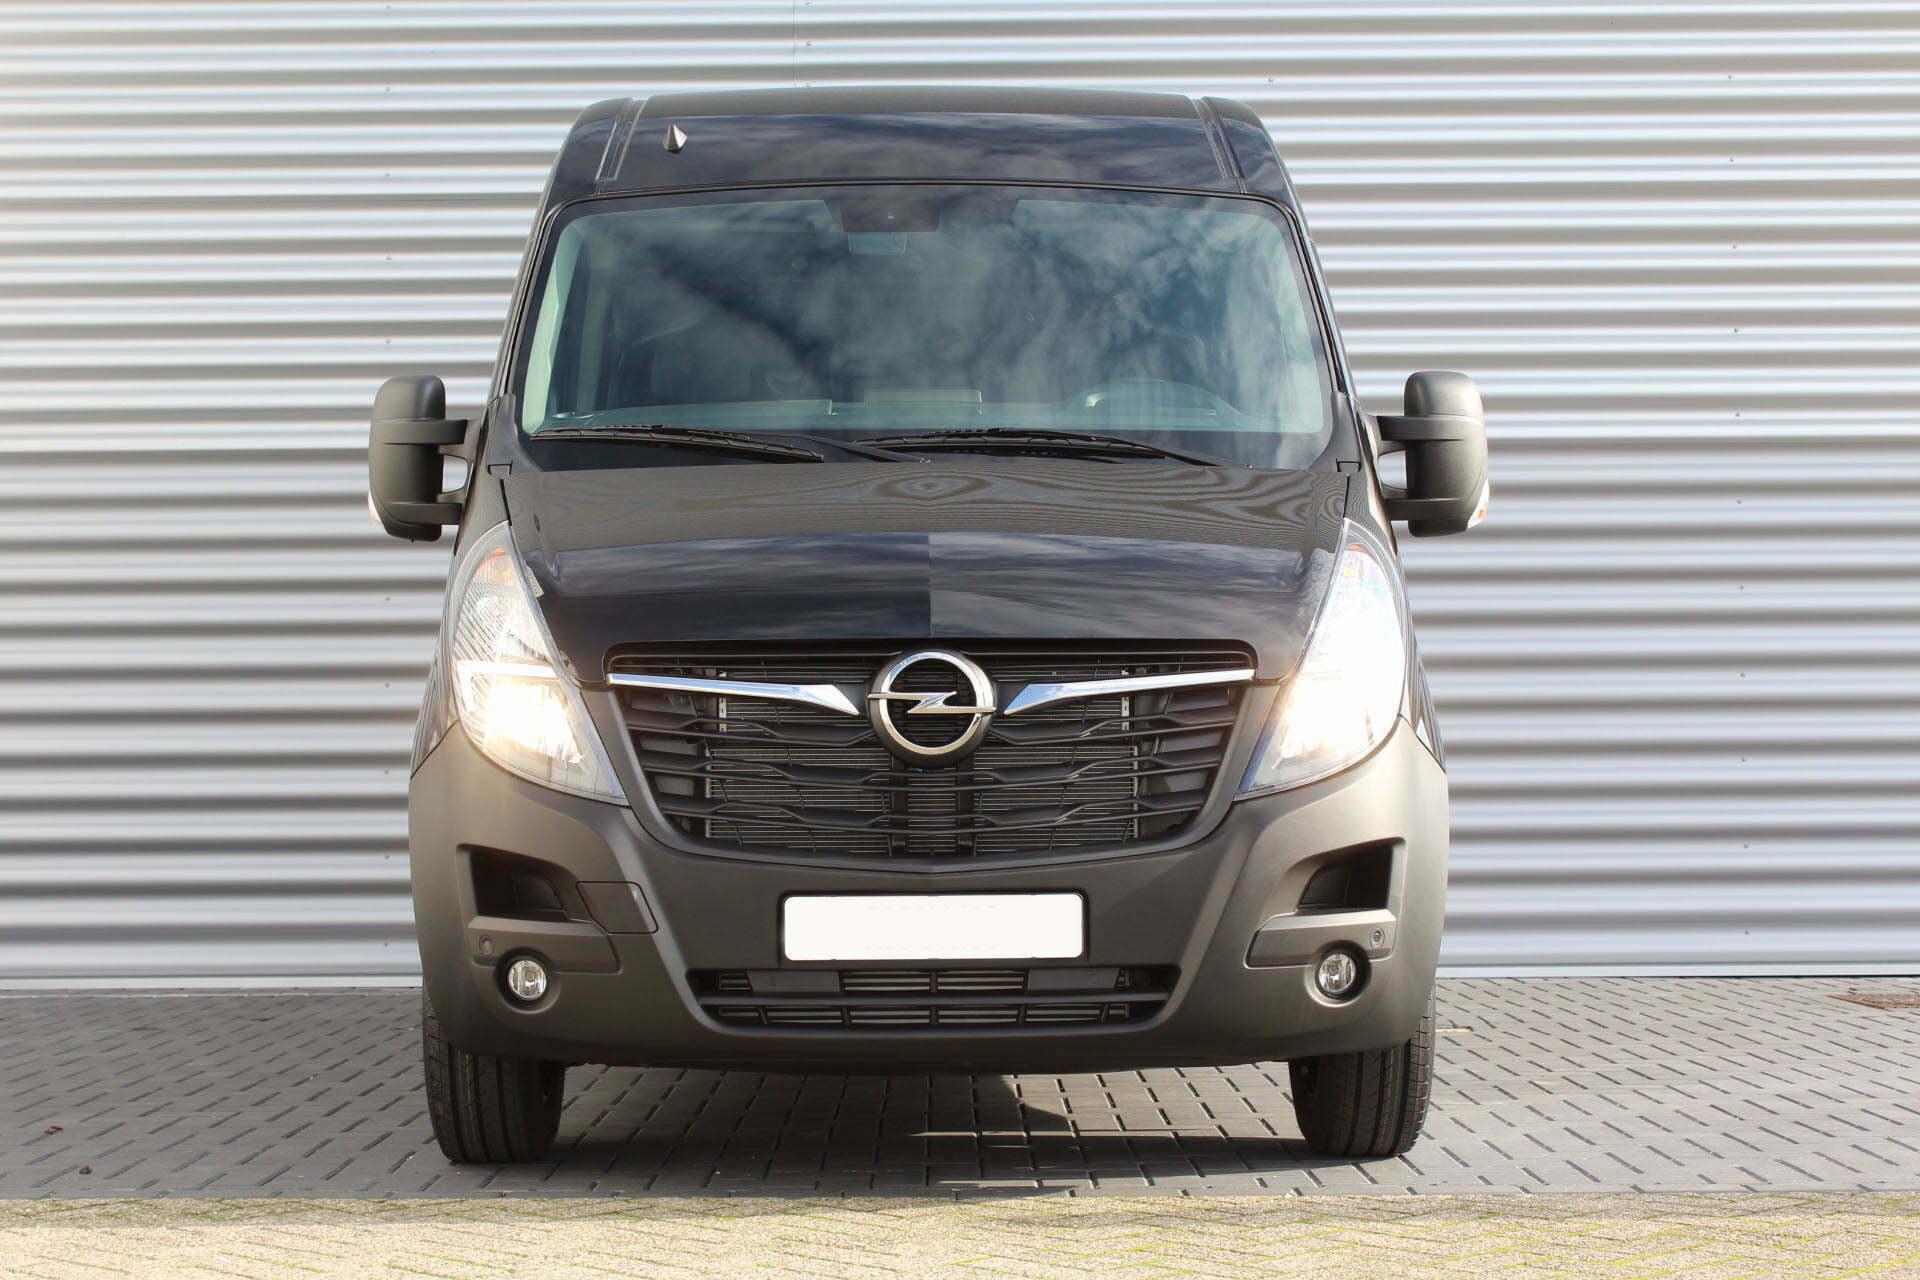 Opel Movano L1H1 2.3CDTI 99kW 2.8T 4d.